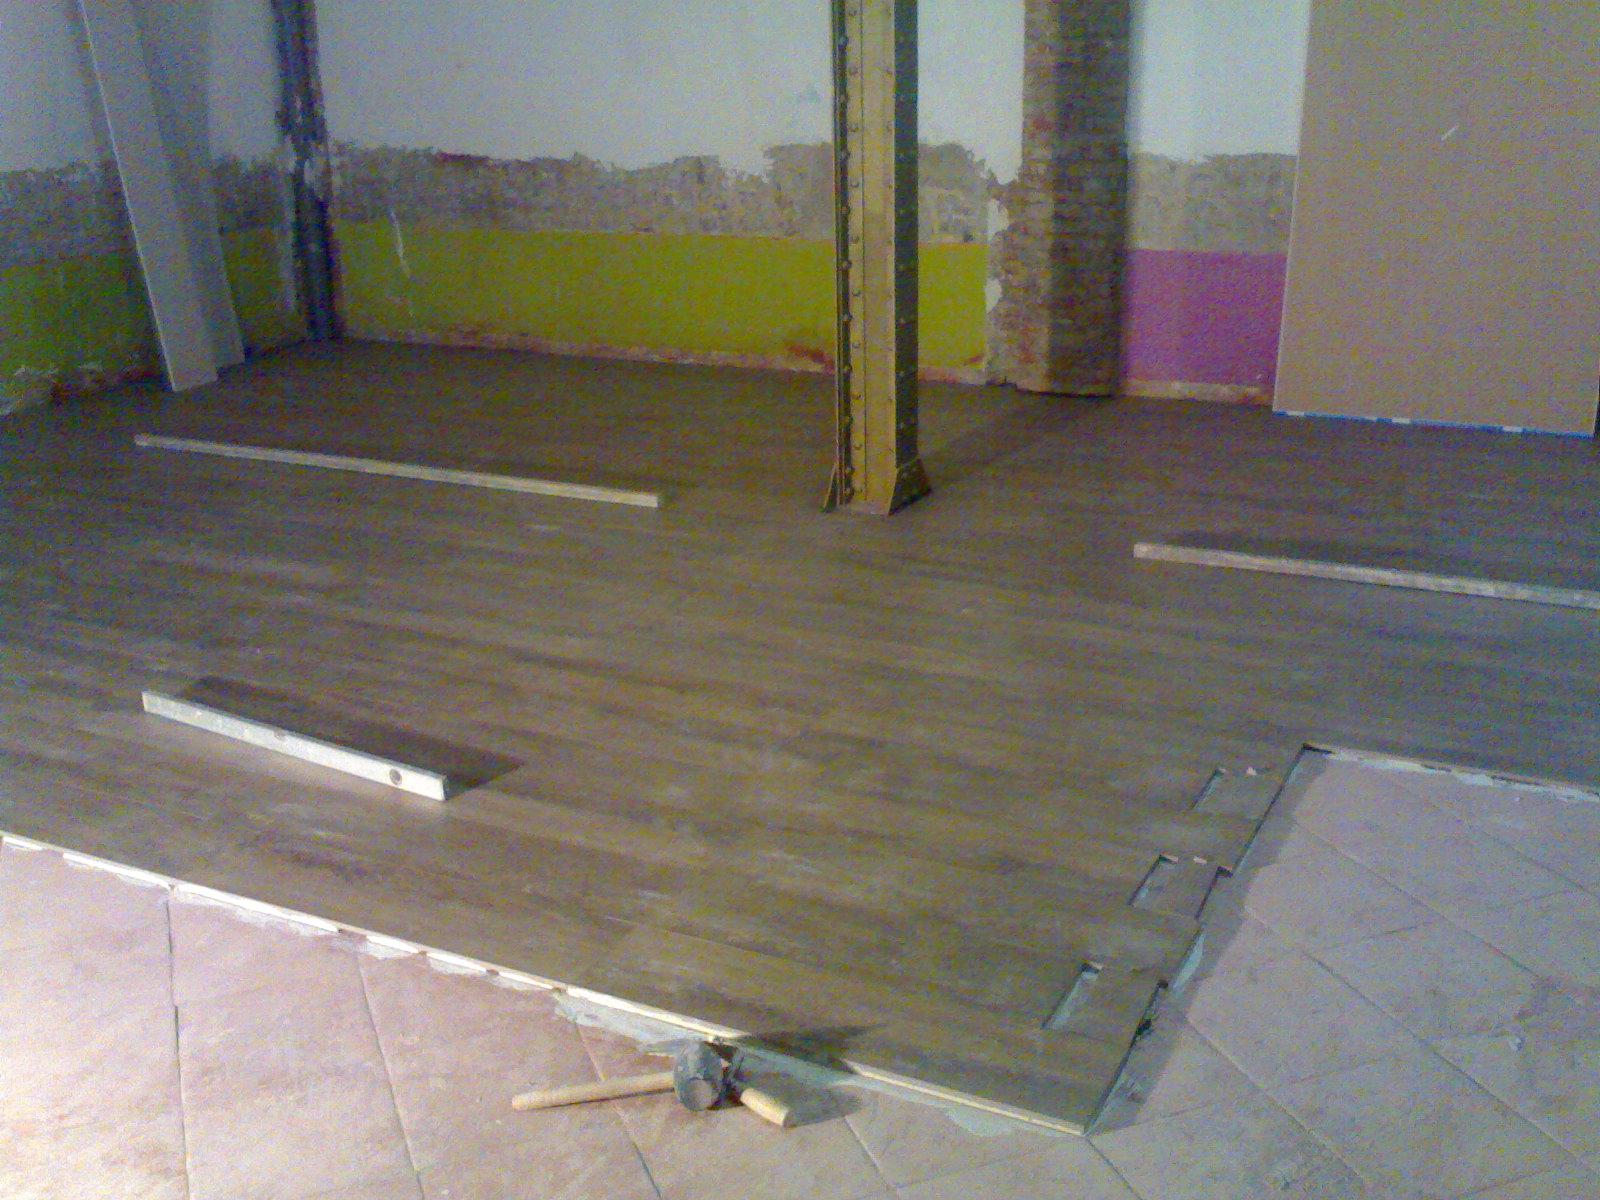 Suelos y z calos quiero reformar mi casa - Colocar baldosas en el suelo ...